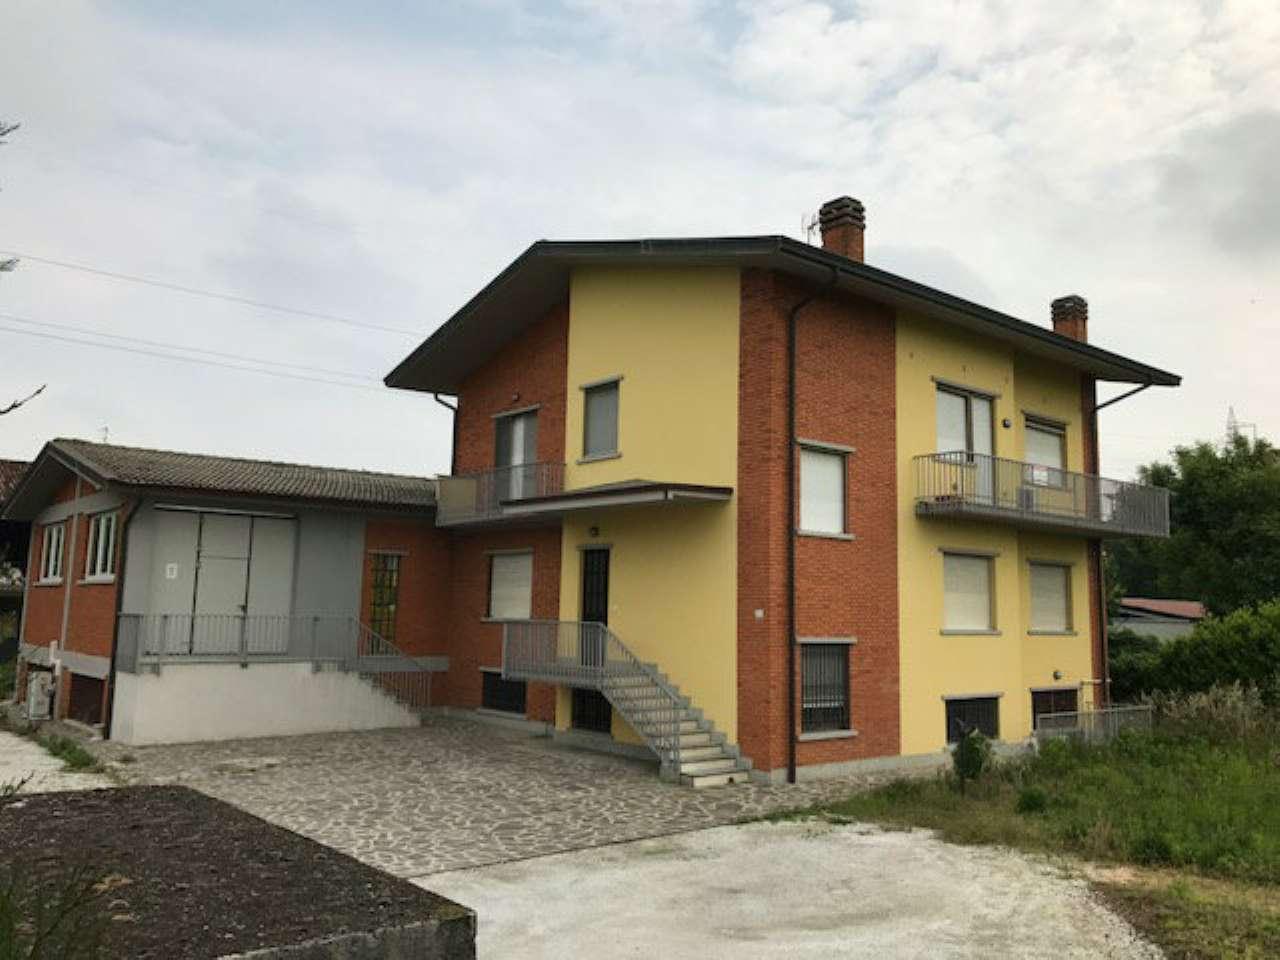 Capannone in vendita a Treviglio, 9999 locali, prezzo € 700.000 | Cambio Casa.it